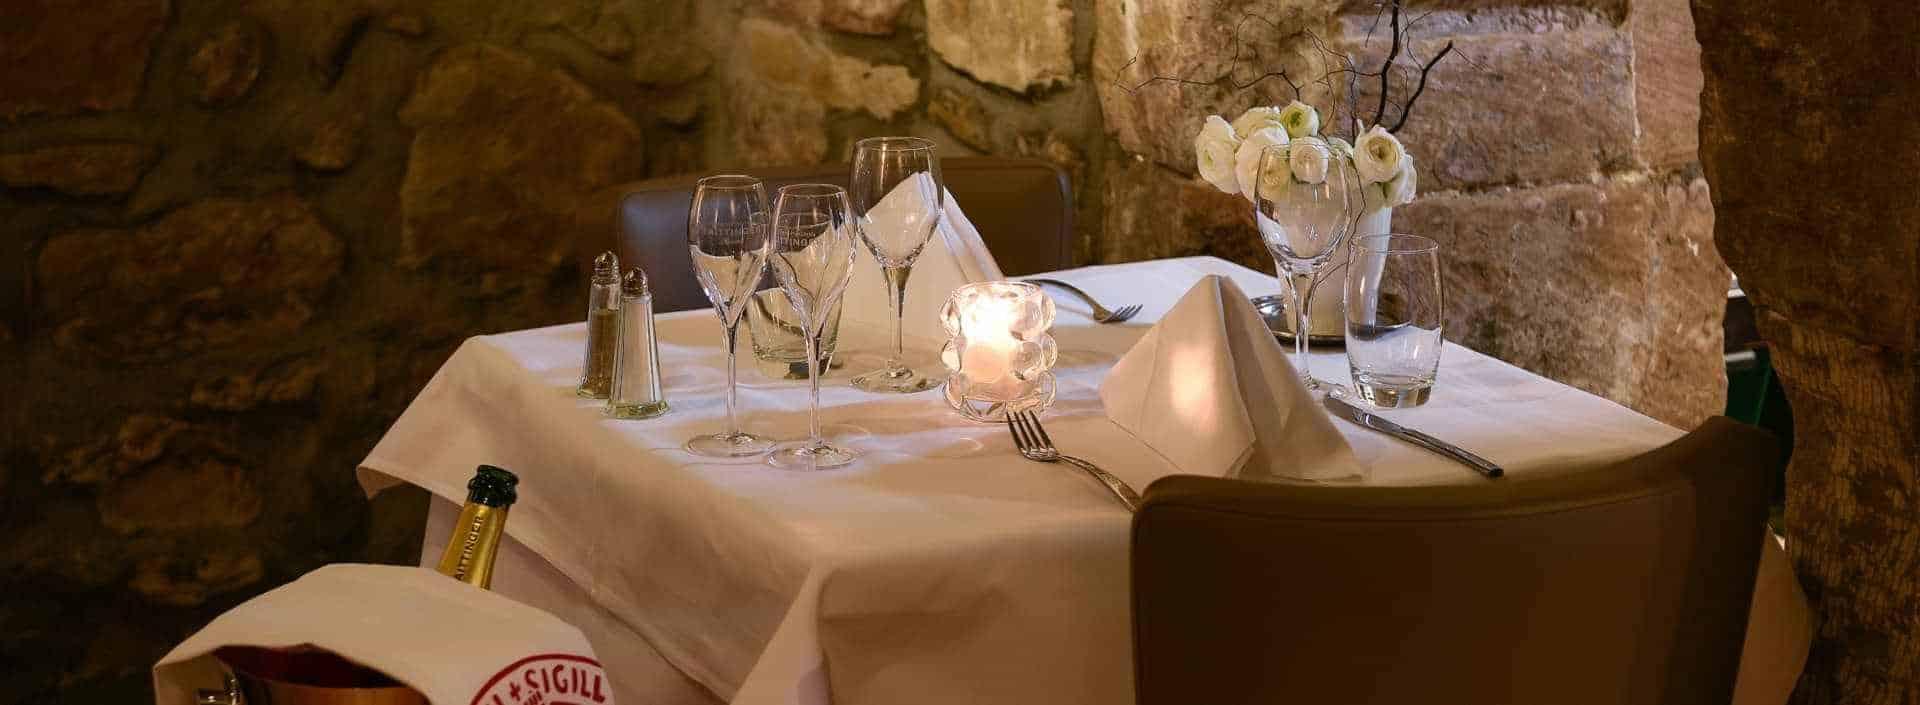 Carte restaurant l'Auberge Chambesy - Menu Réservez votre diner dans une ambiance intime et feutree - restaurant a chambesy l Auberge en Suisse | relais gastronomique à Chambésy -Le Restaurant L'Auberge a Chambesy près de genève